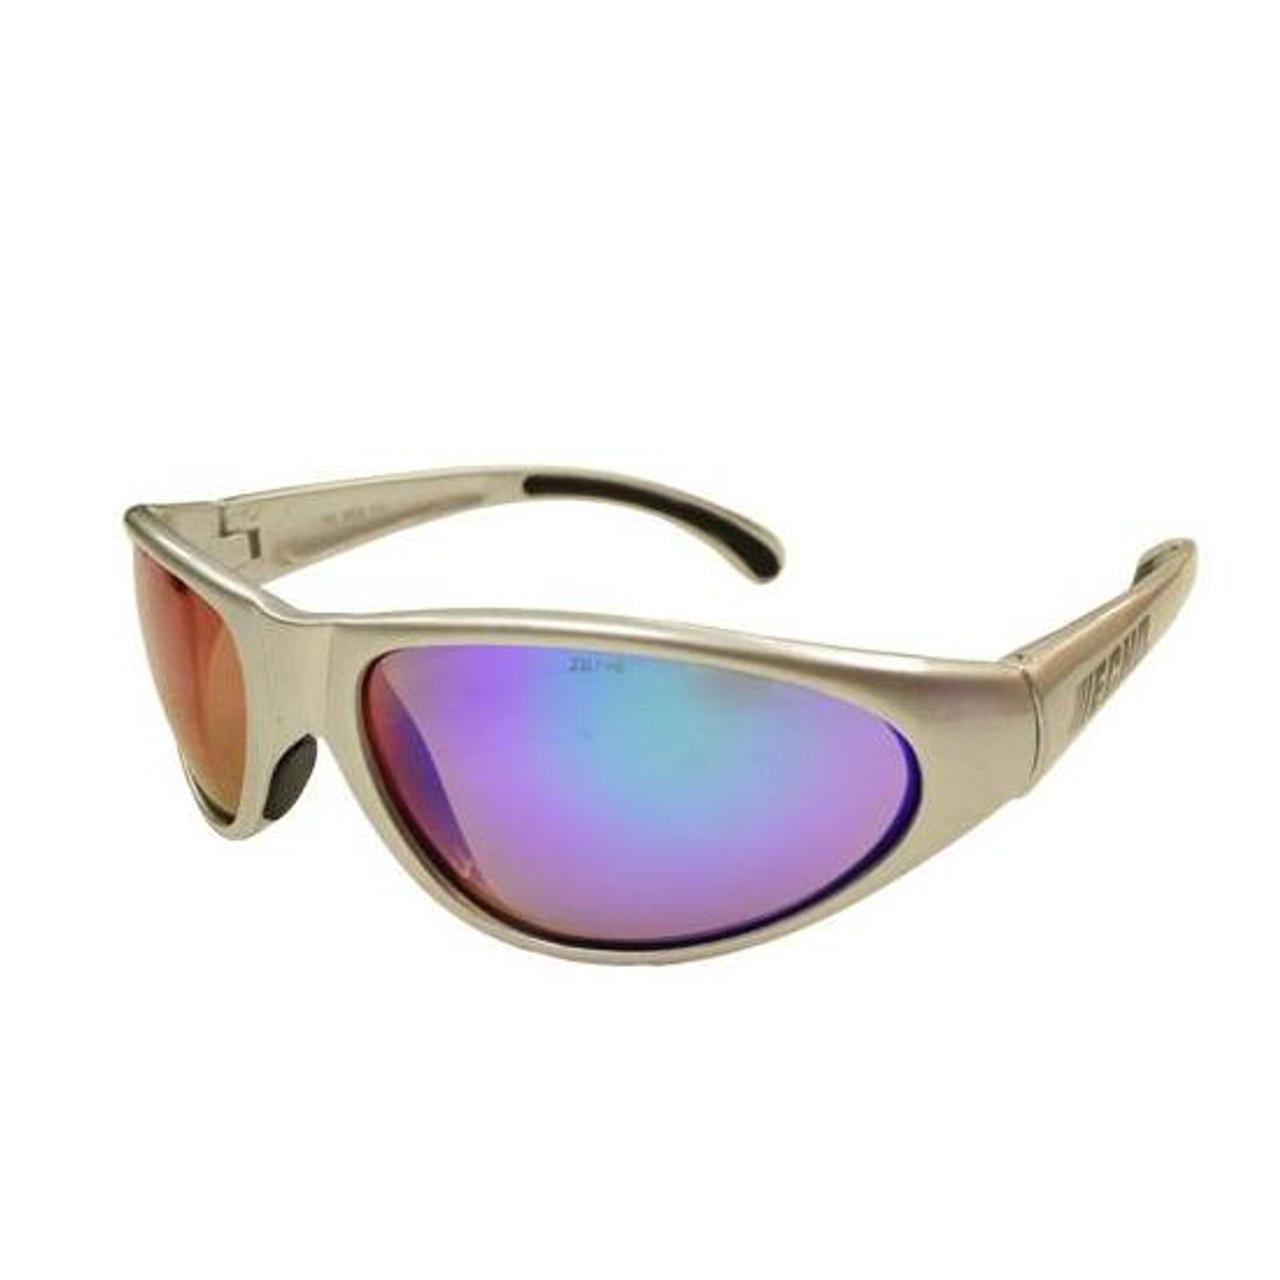 ECHO OEM PRO II Safety Glasses, Mirror Lens Sliver Frame 102922452